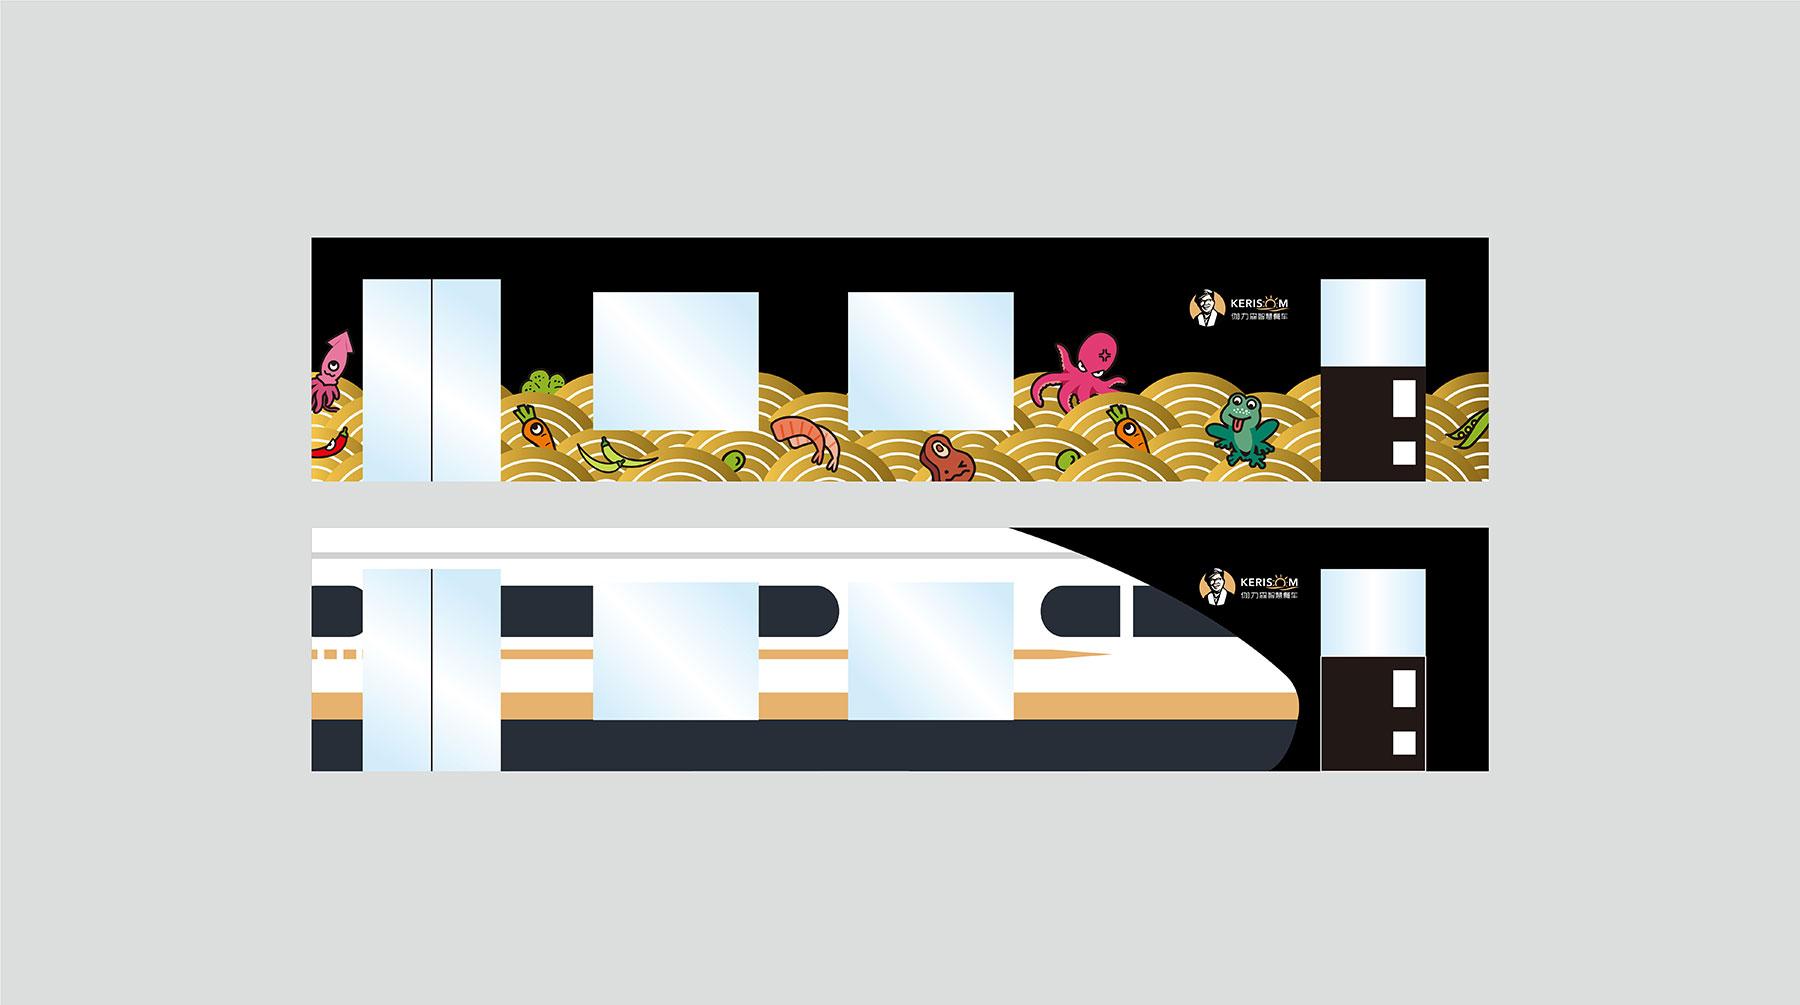 伽力森品牌气质定位设计:车厢贴设计